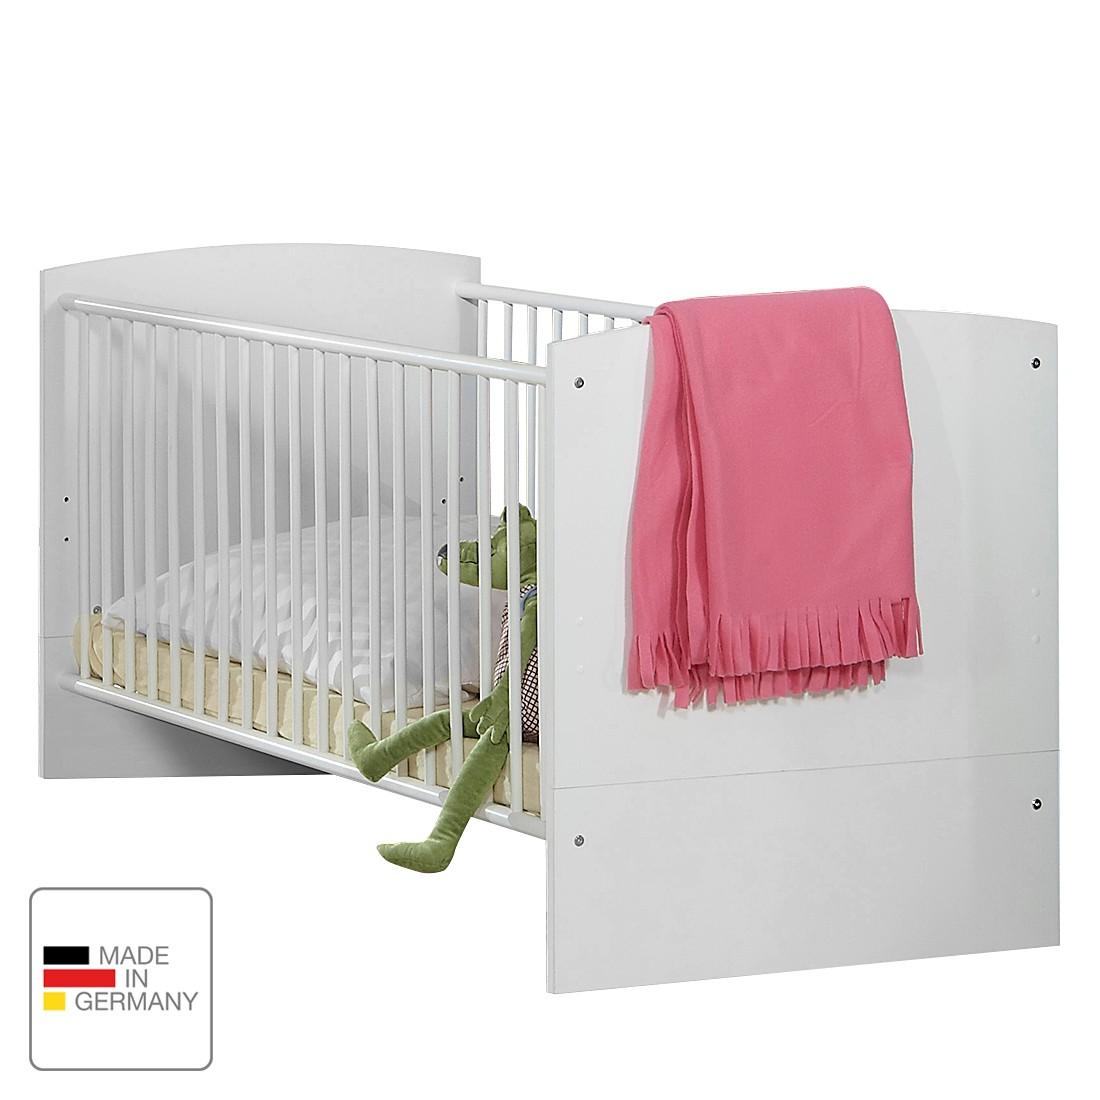 Lettino per bambini Gina - Bianco alpino/Color mora lucido Letto per bambini Gina - Bianco alpino/Color mora lucido, Wimex